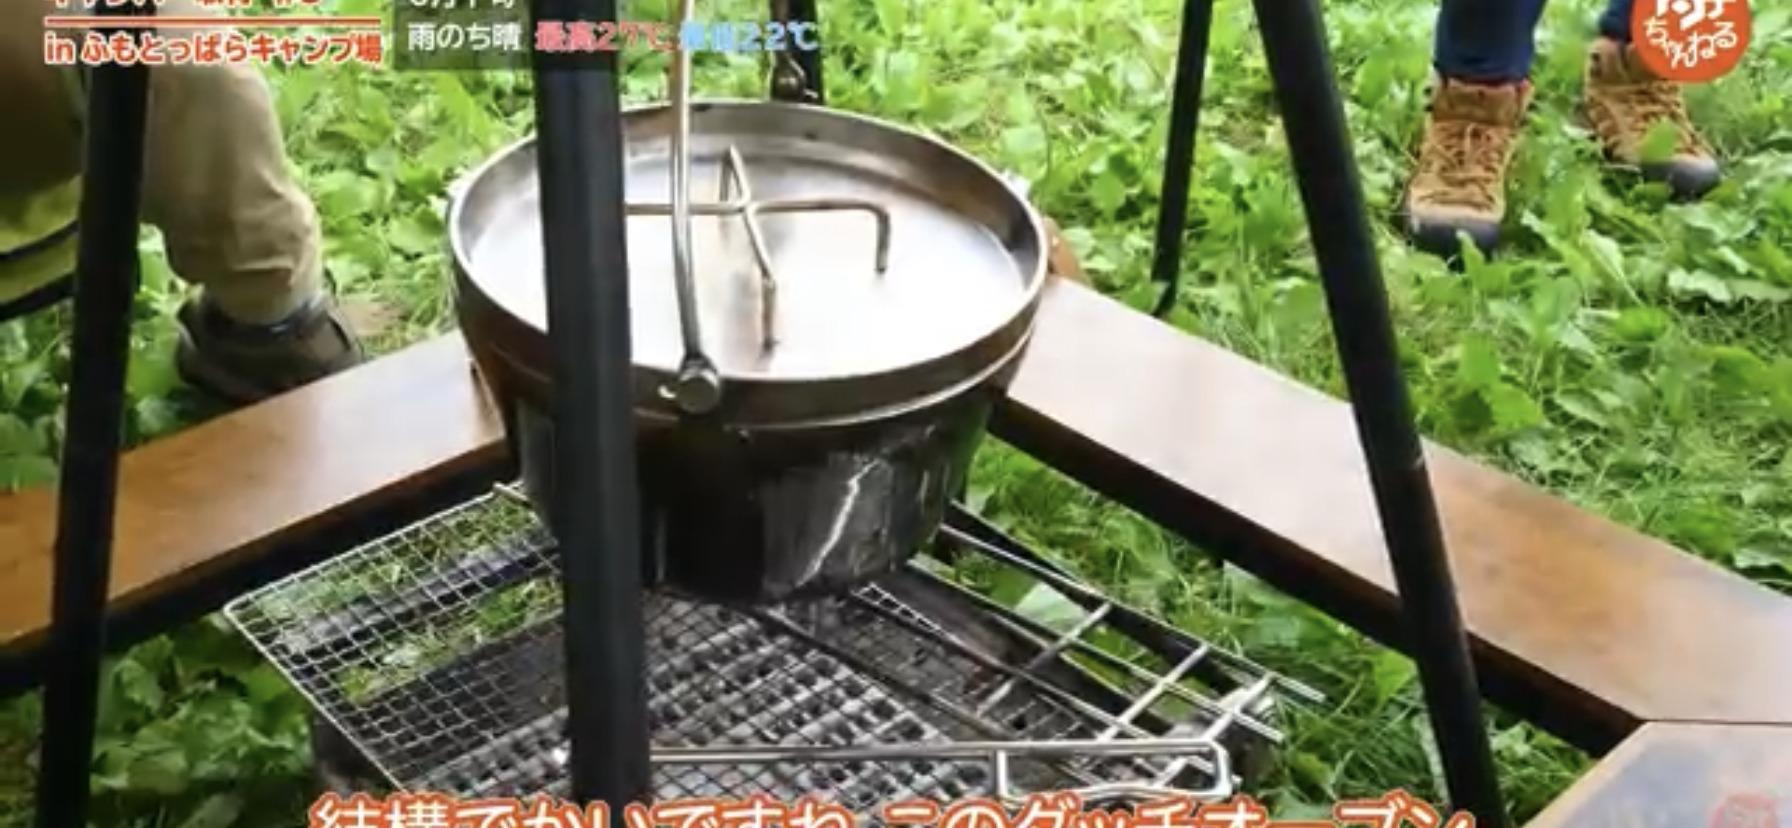 【下村企販 】オール熱源対応 ステンレス ダッチオーブン